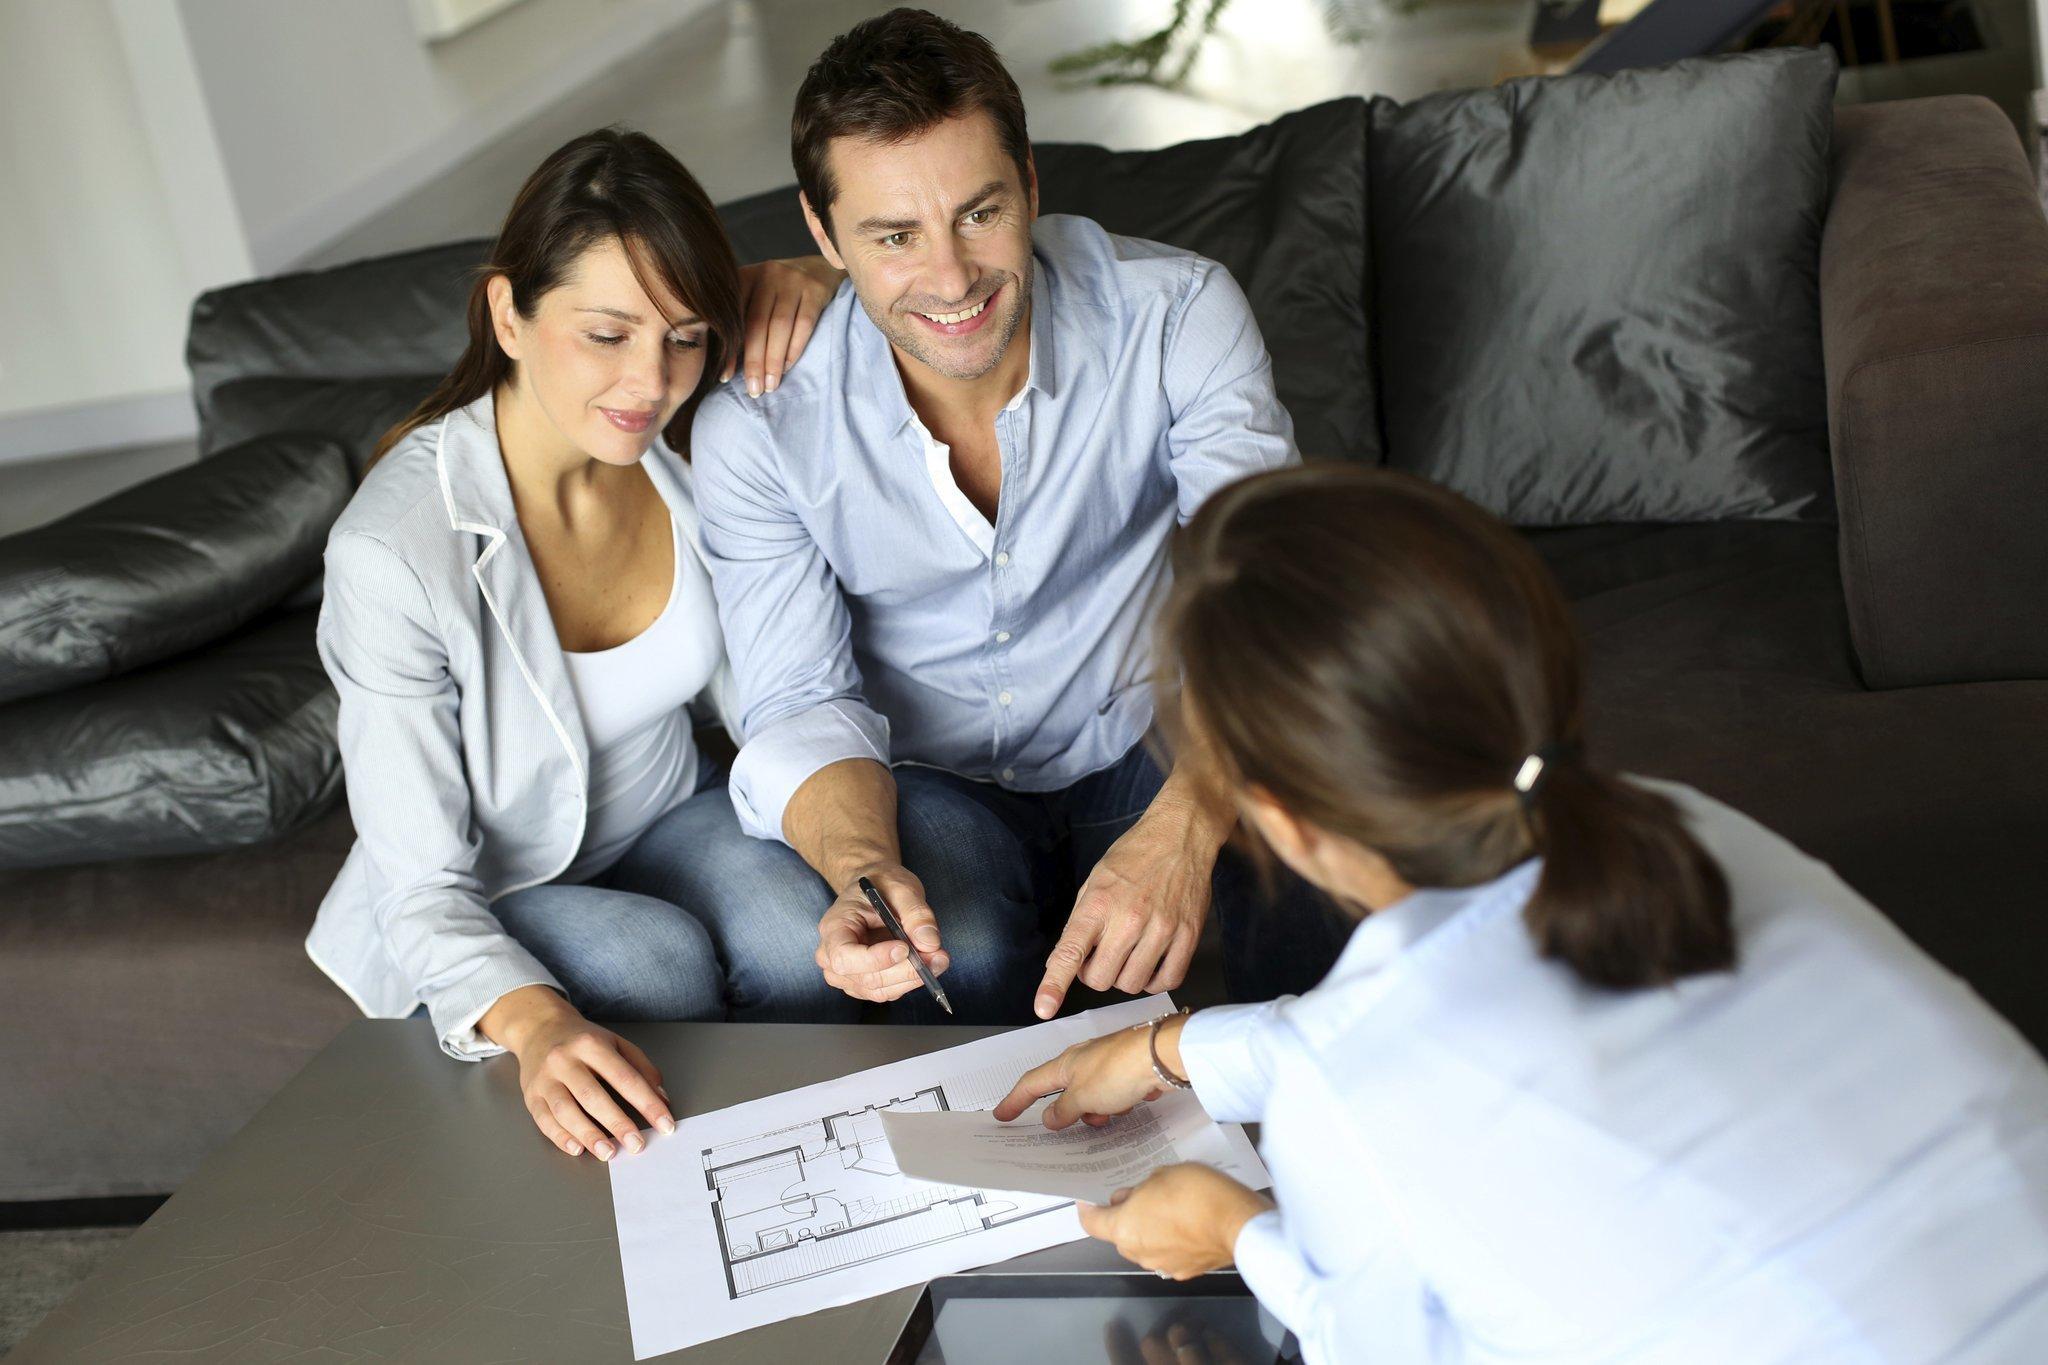 Обязательство на мужа при покупке недвижимости за матер капитал